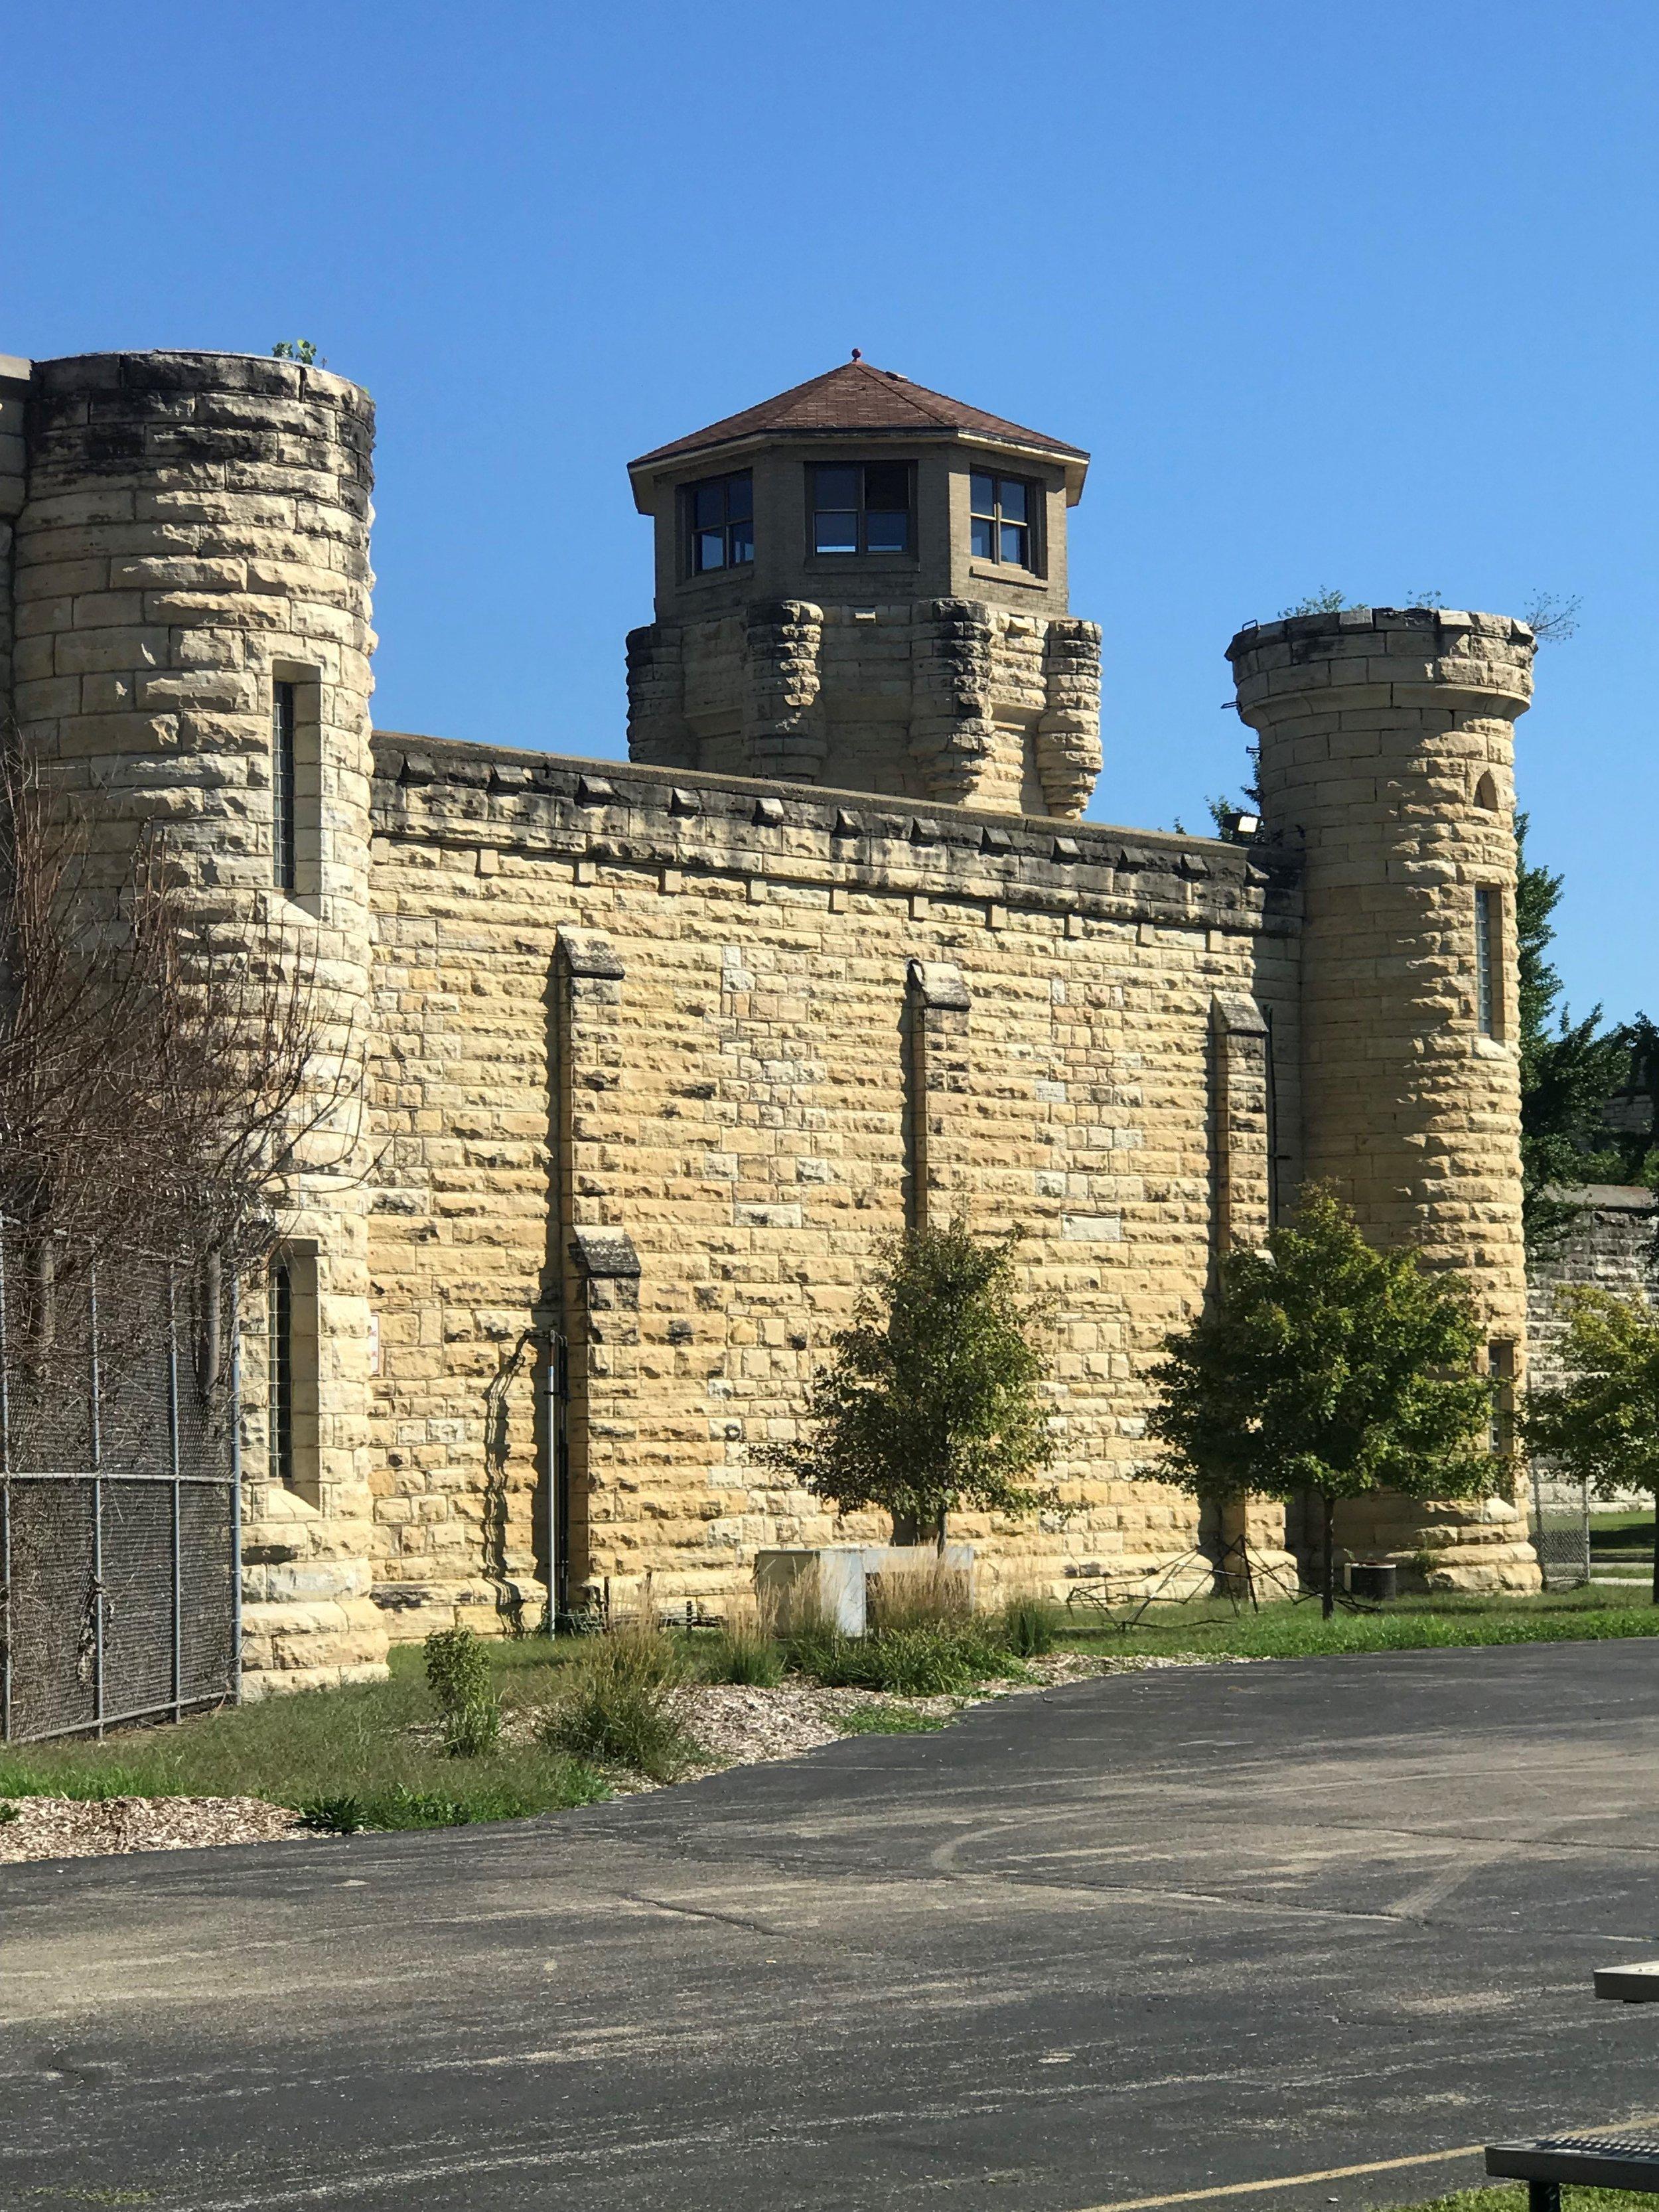 The Joliet Area Historical Museum is taking people inside castle like stone walls of the Joliet Prison